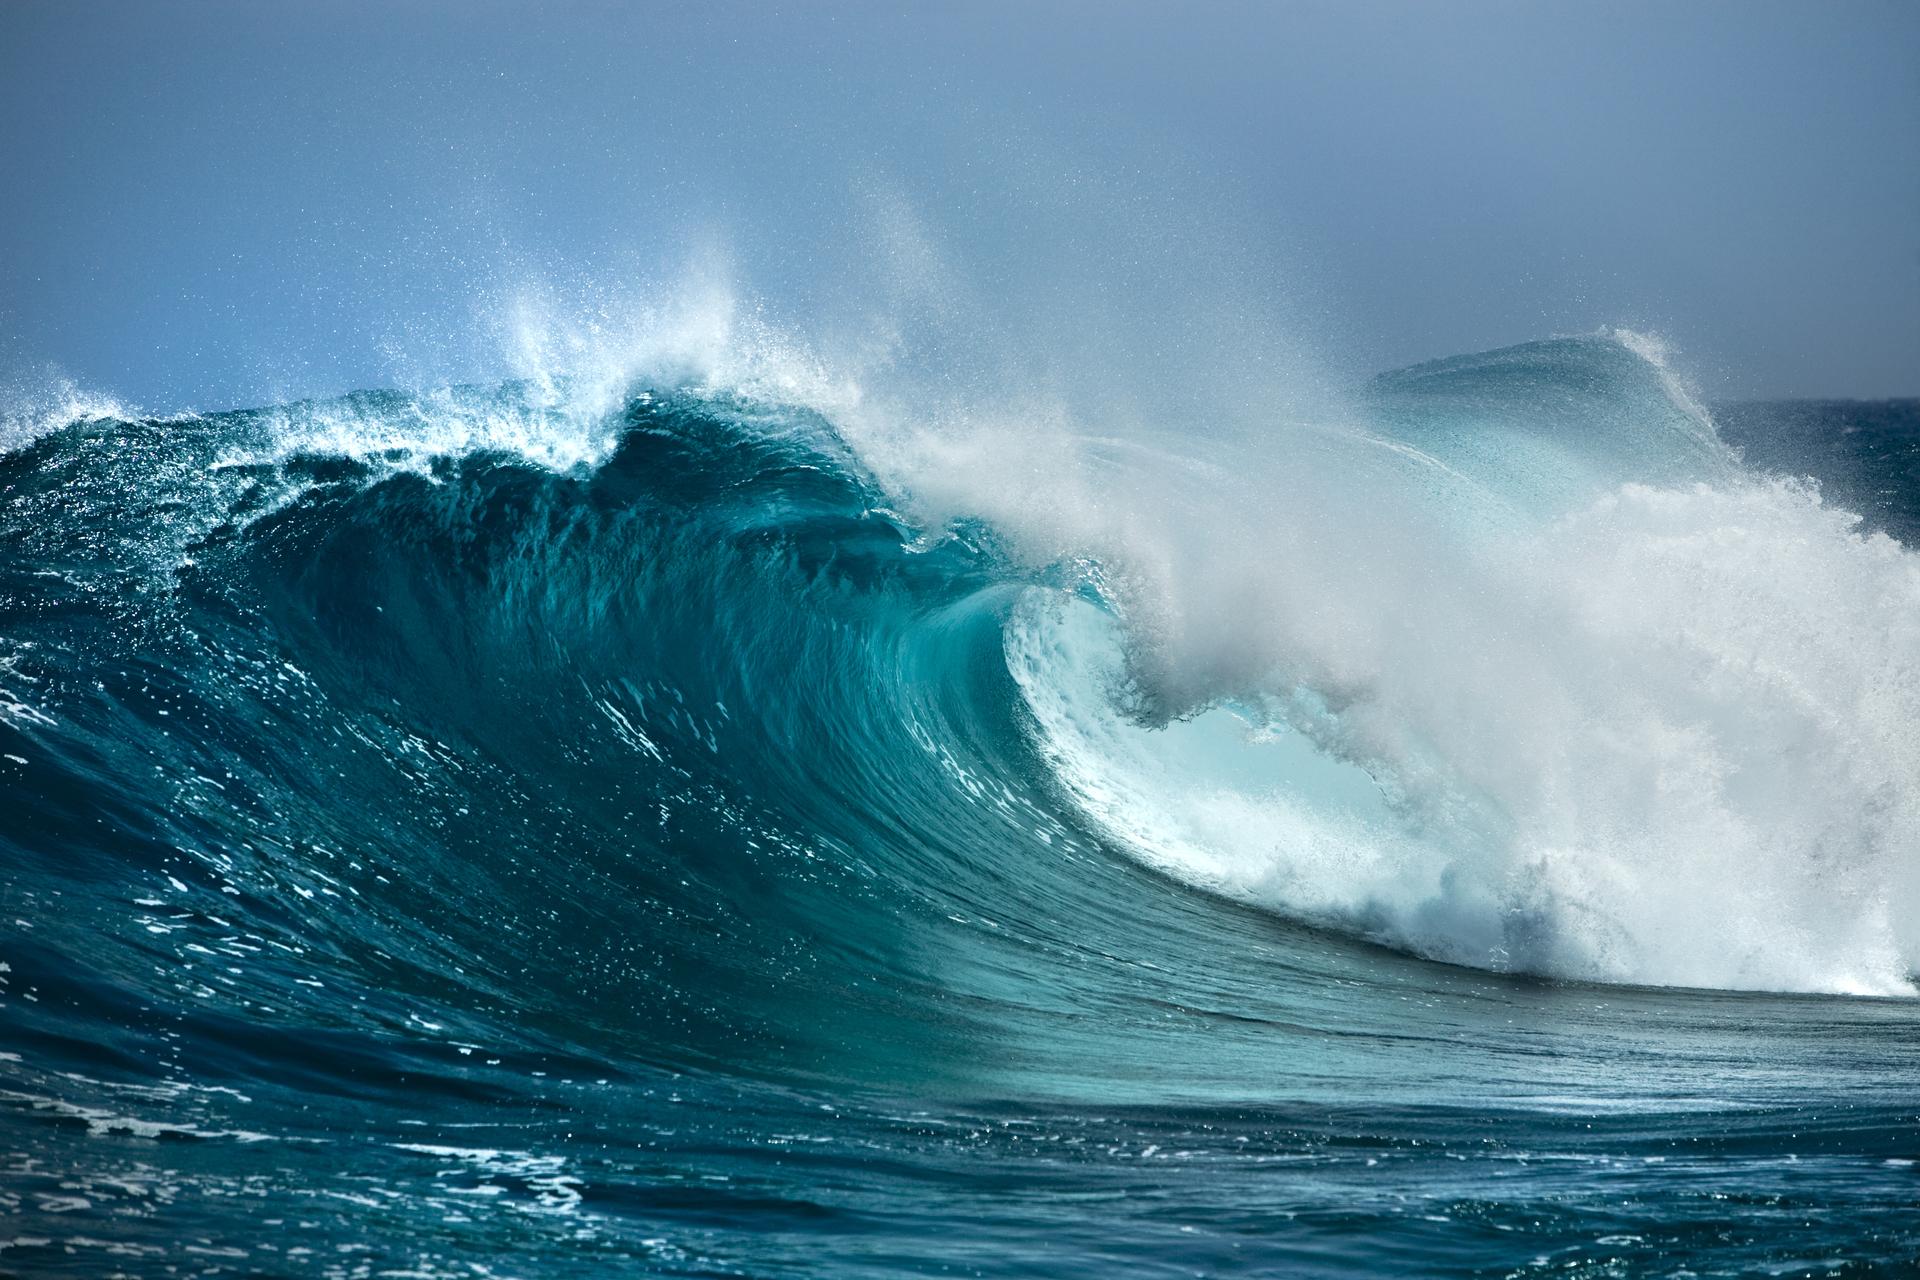 Djikee waves